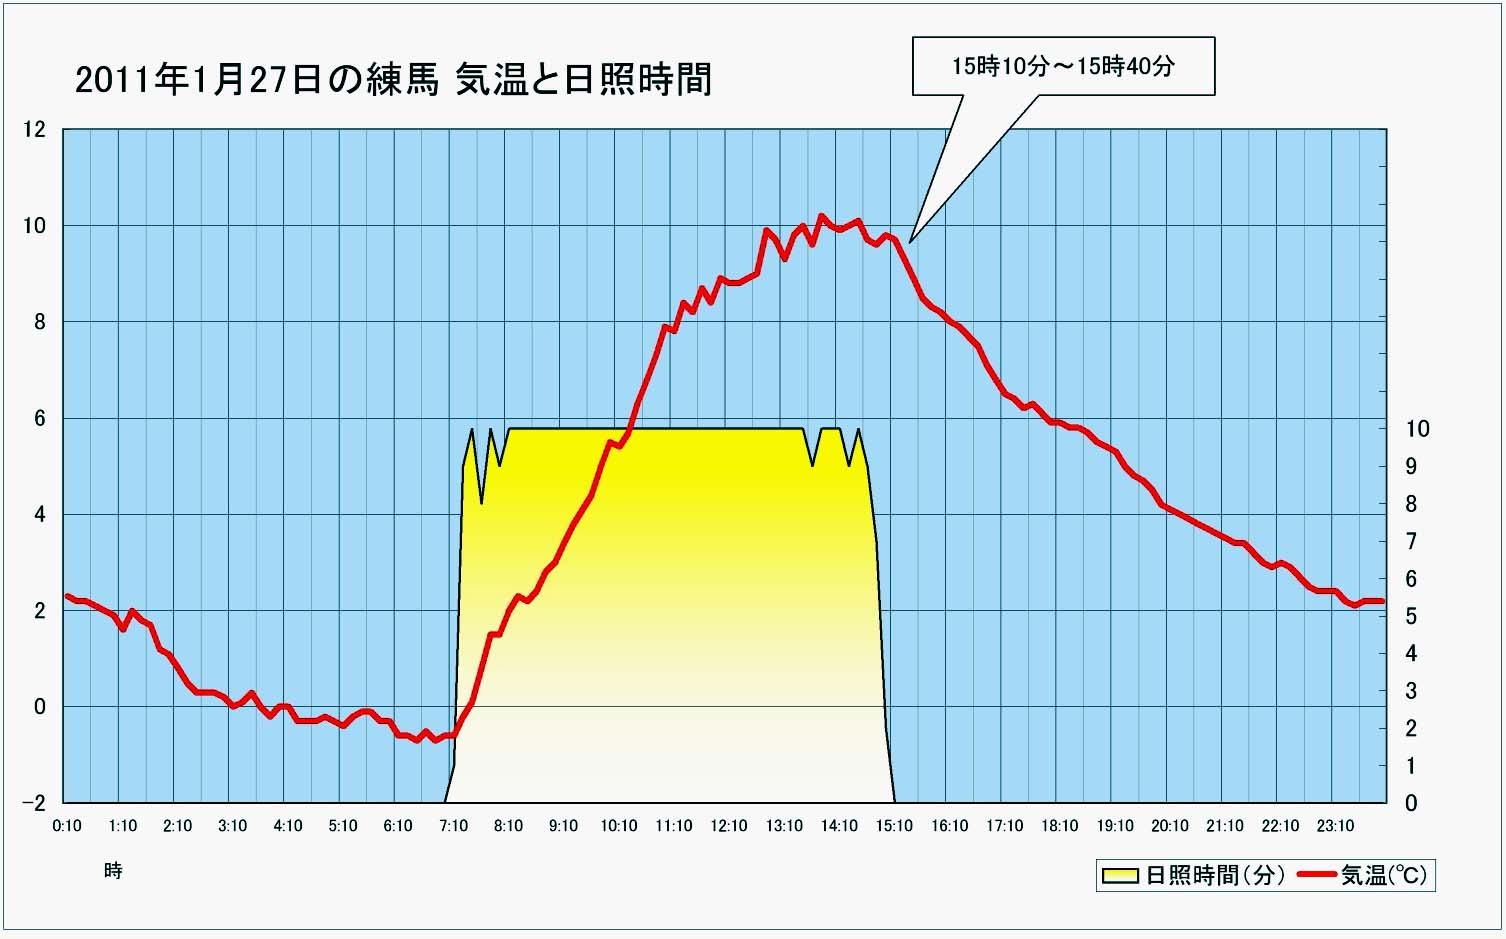 2011年1月27日 練馬の気温と日照 グラフ